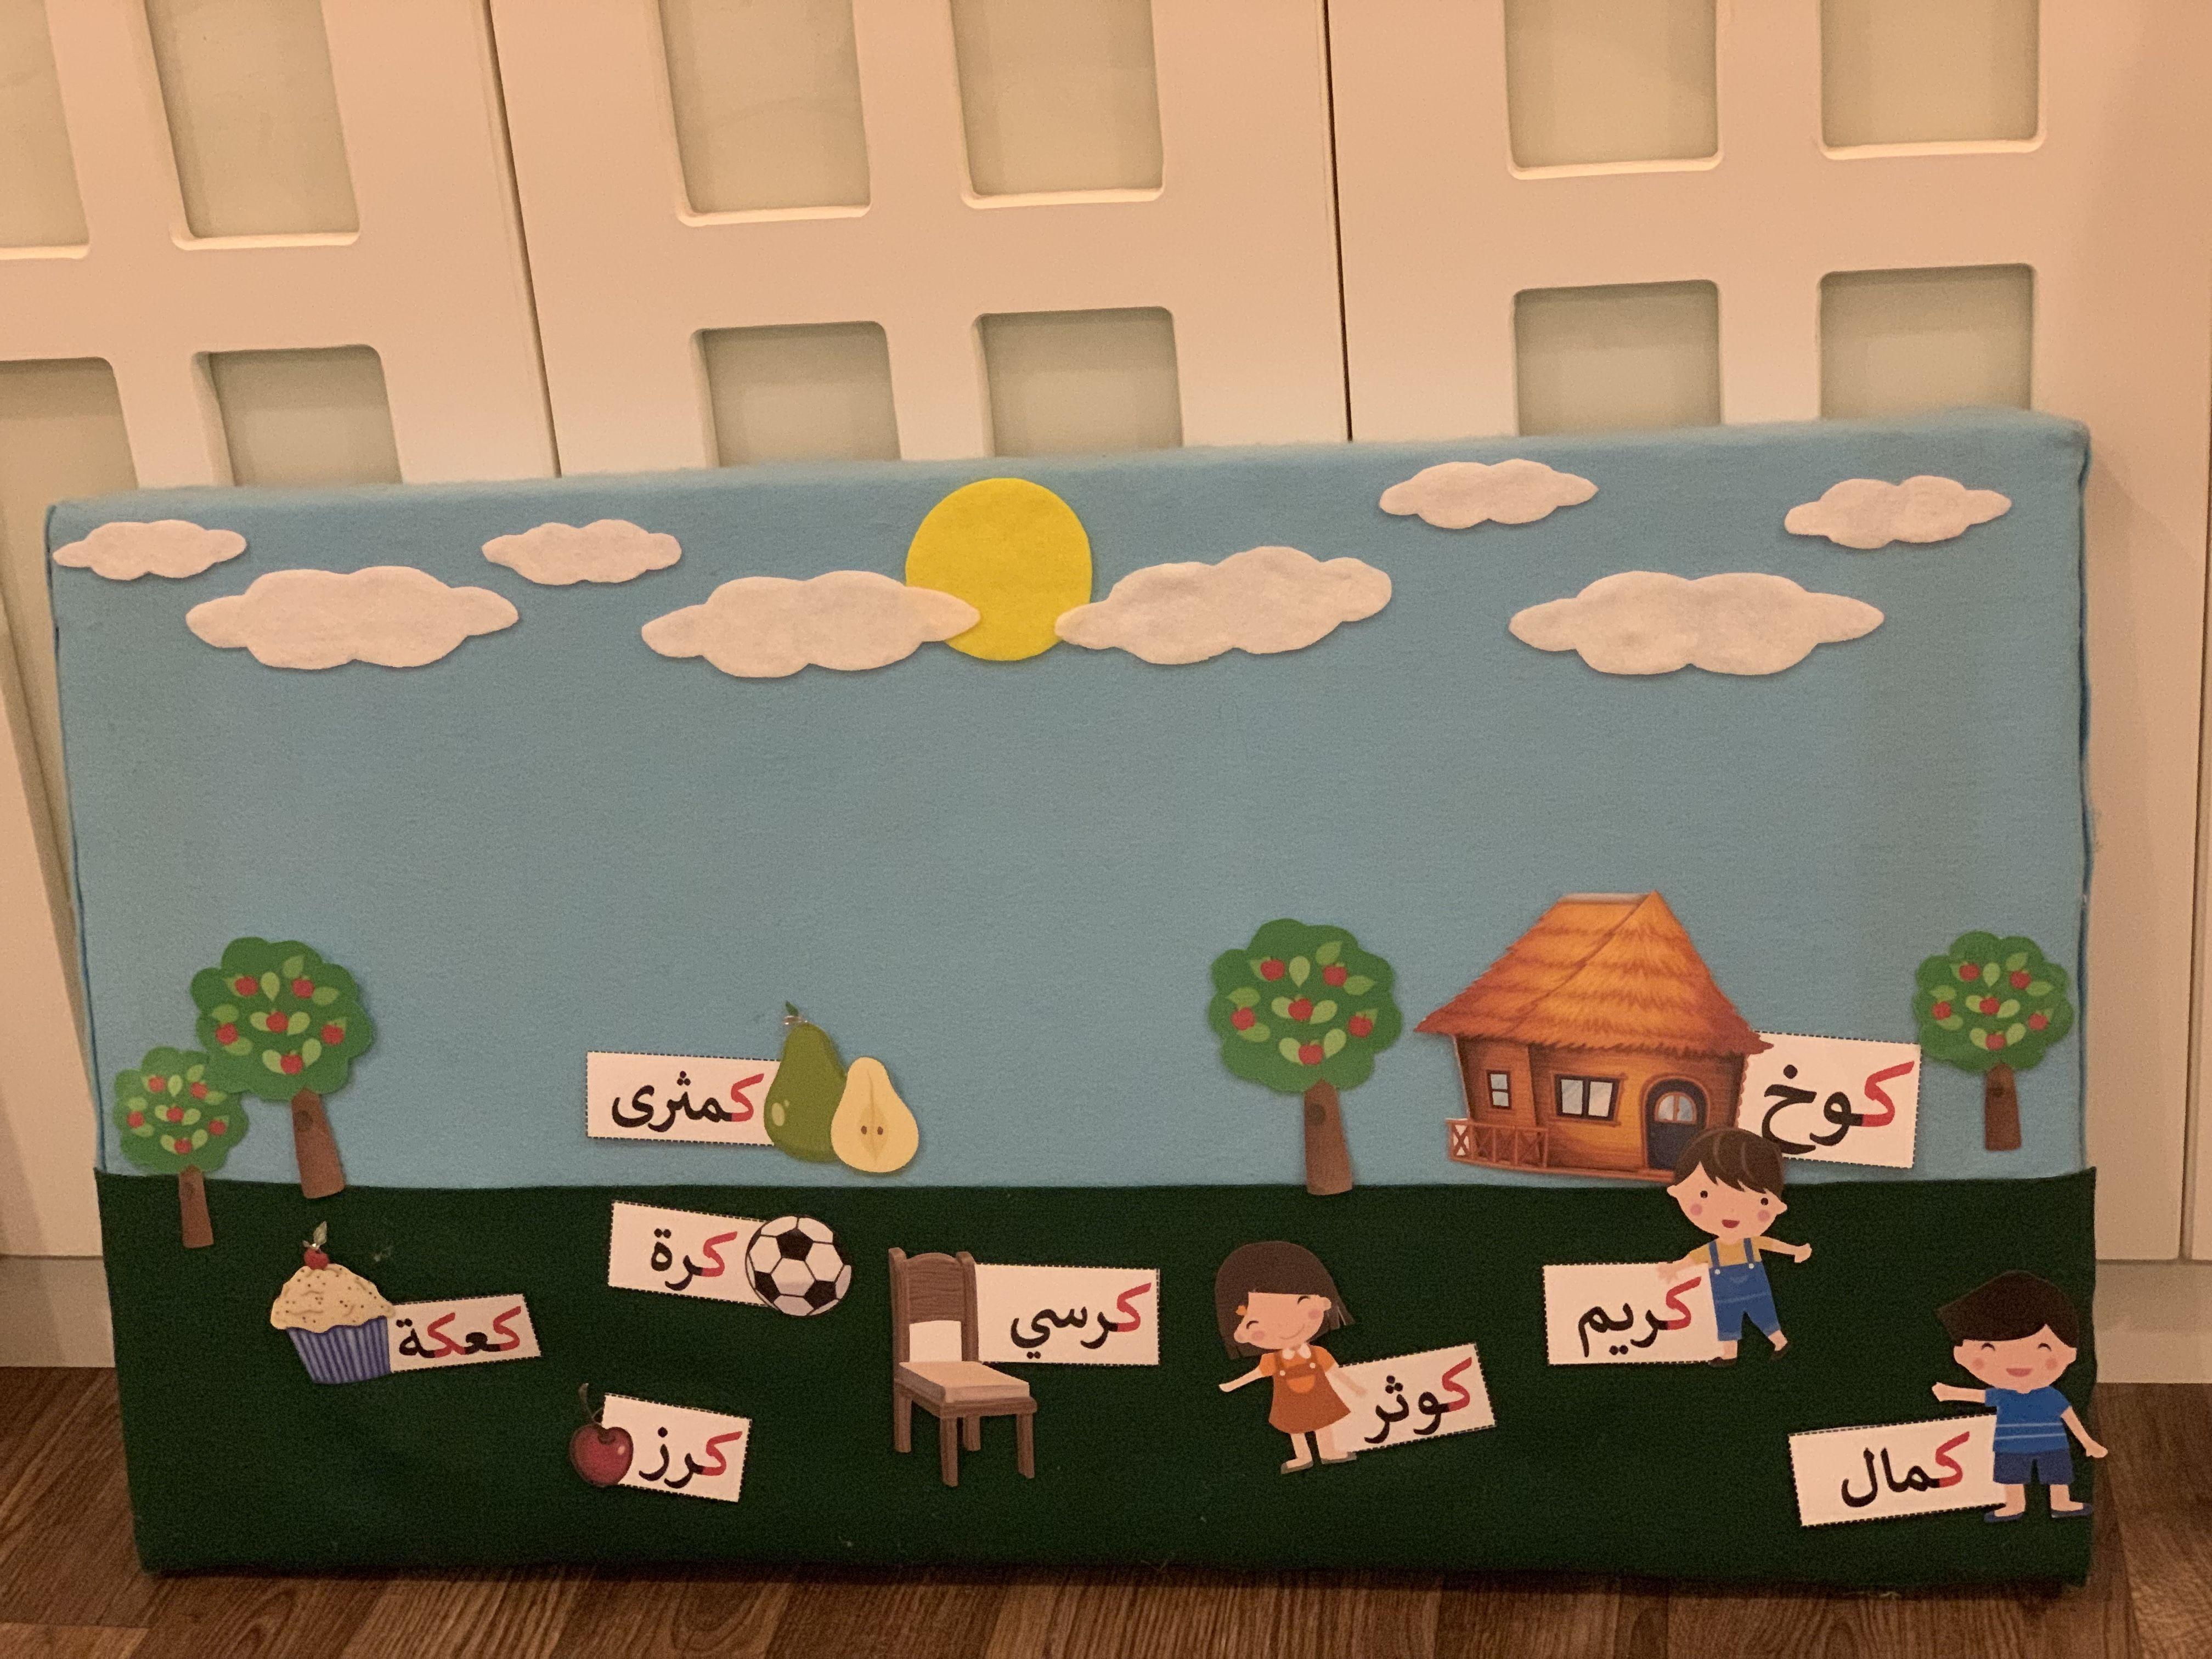 قصة حرف ك للوصول الى الحرف من خلال كلمات الشخصية Arabic Alphabet For Kids Alphabet For Kids Geography Activities